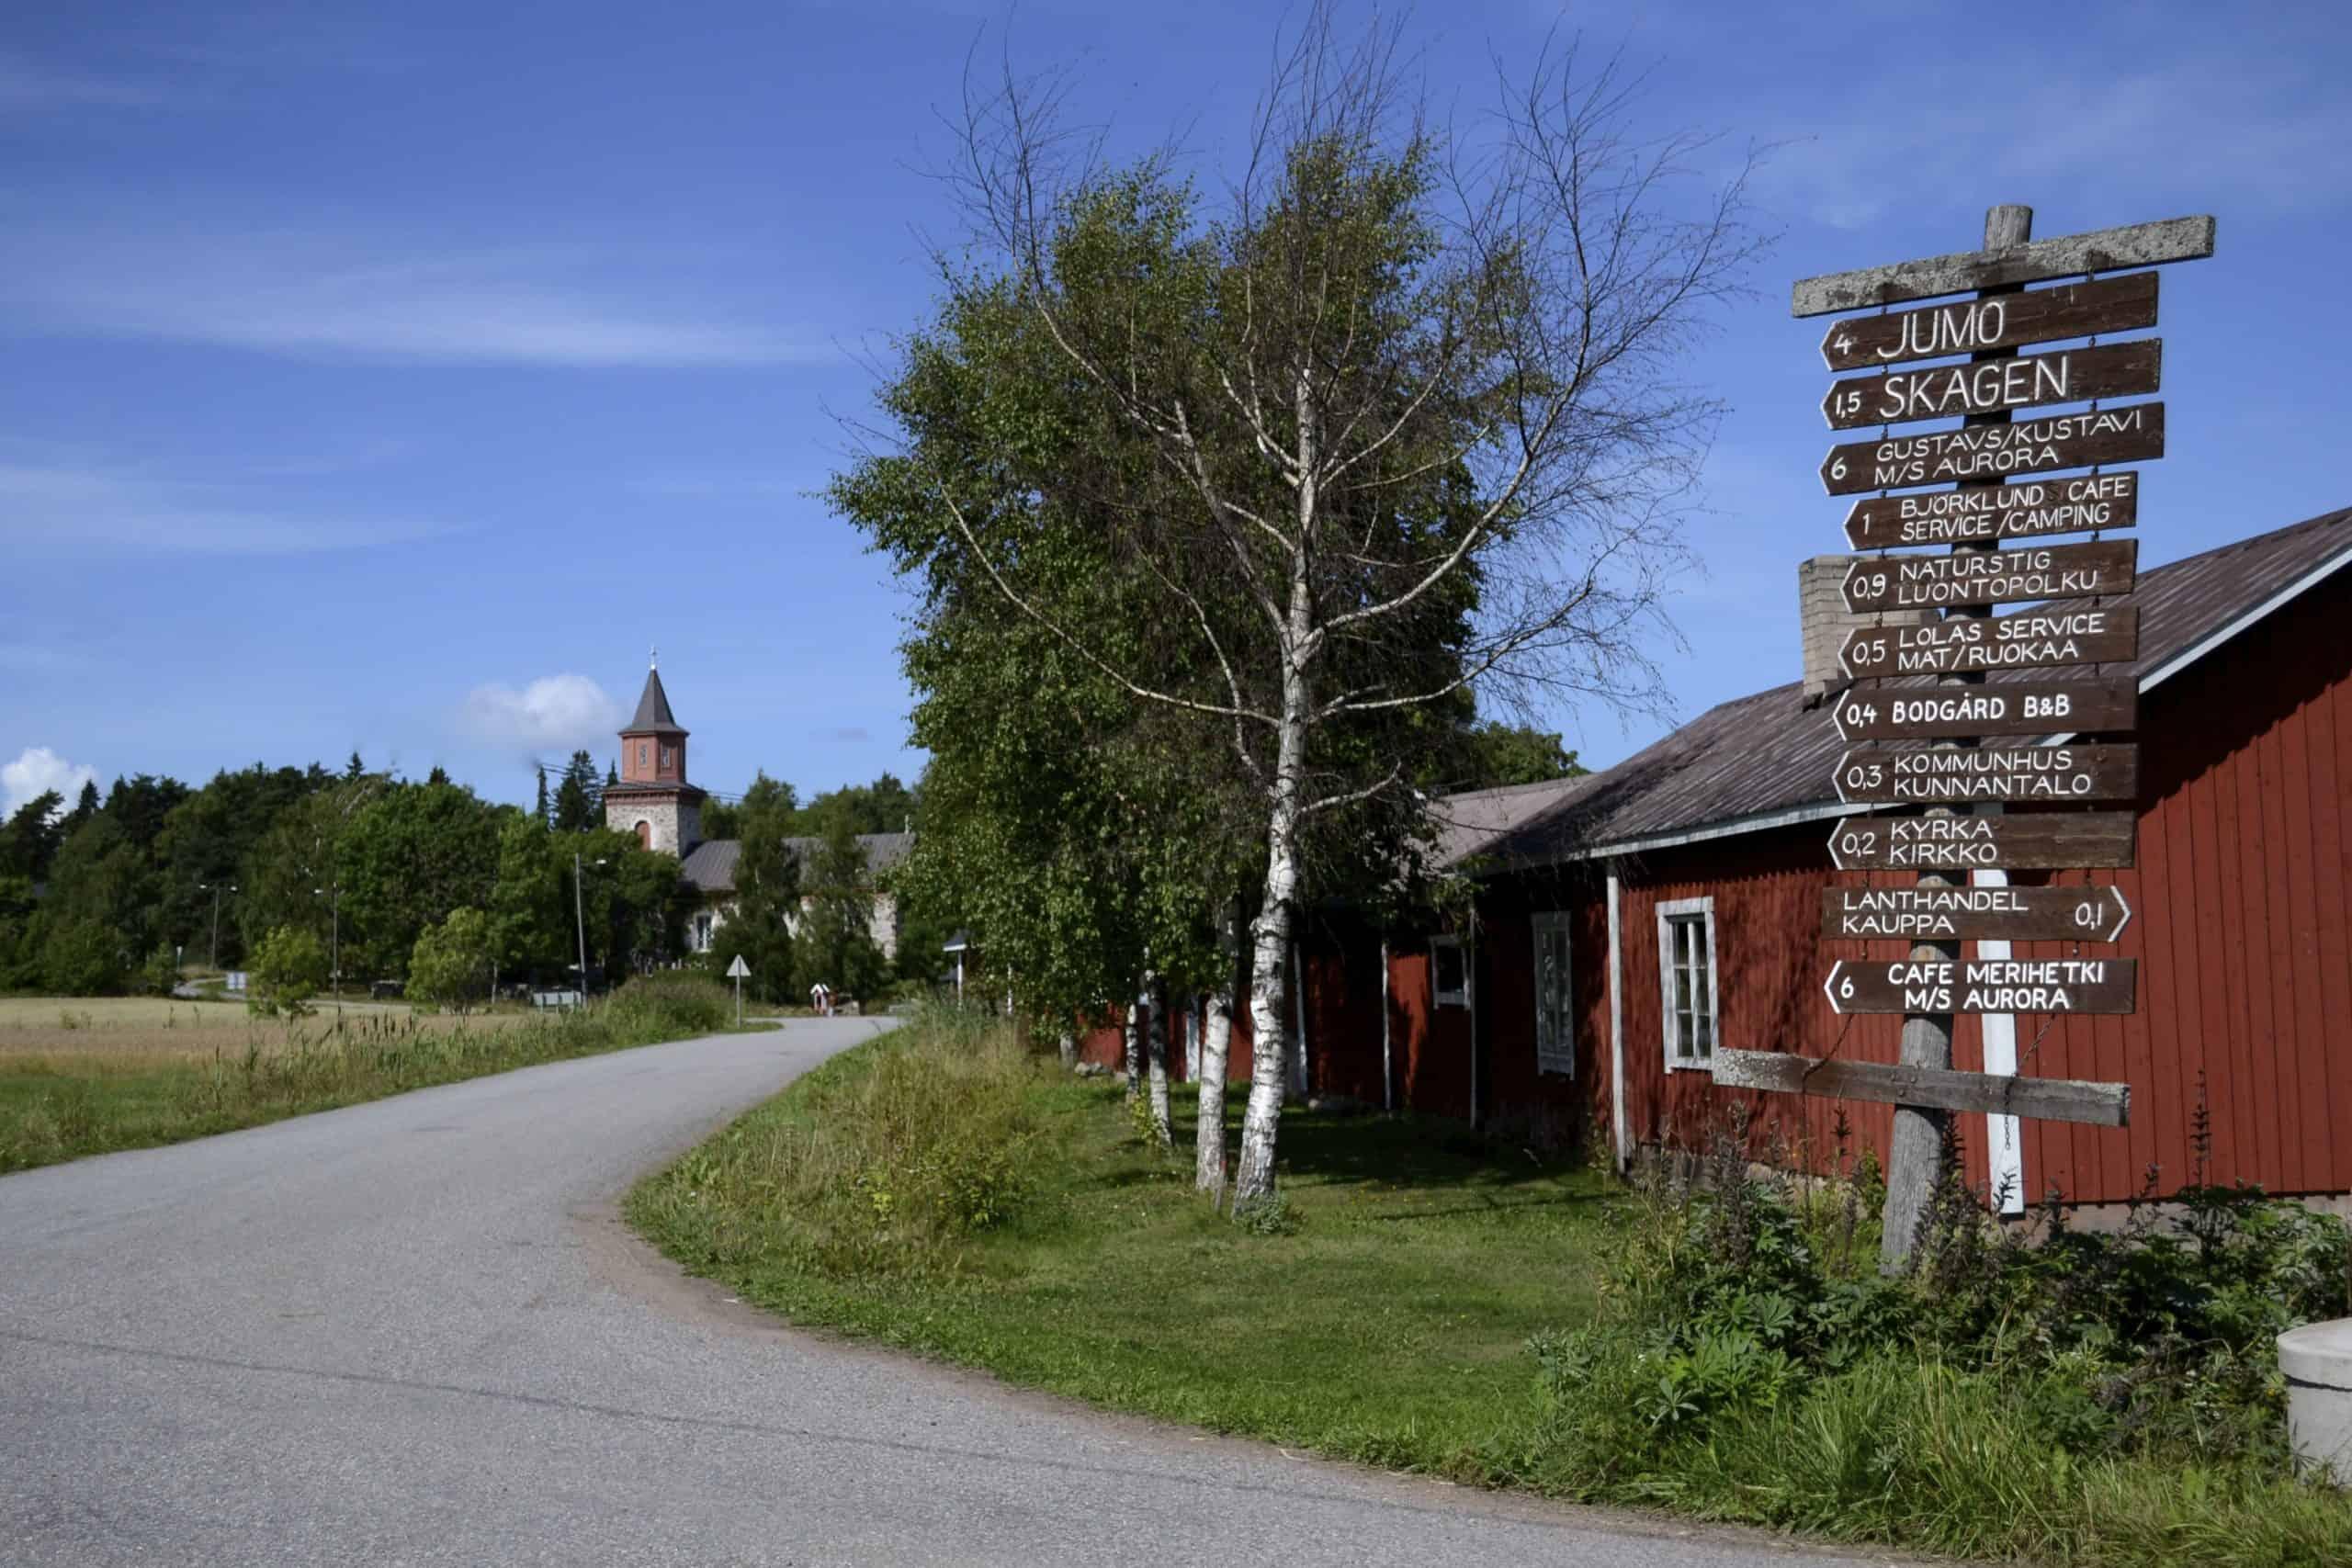 Iniön päätien varrella olevia kylttejä, punainen puurakennus ja taustalla kirkko.